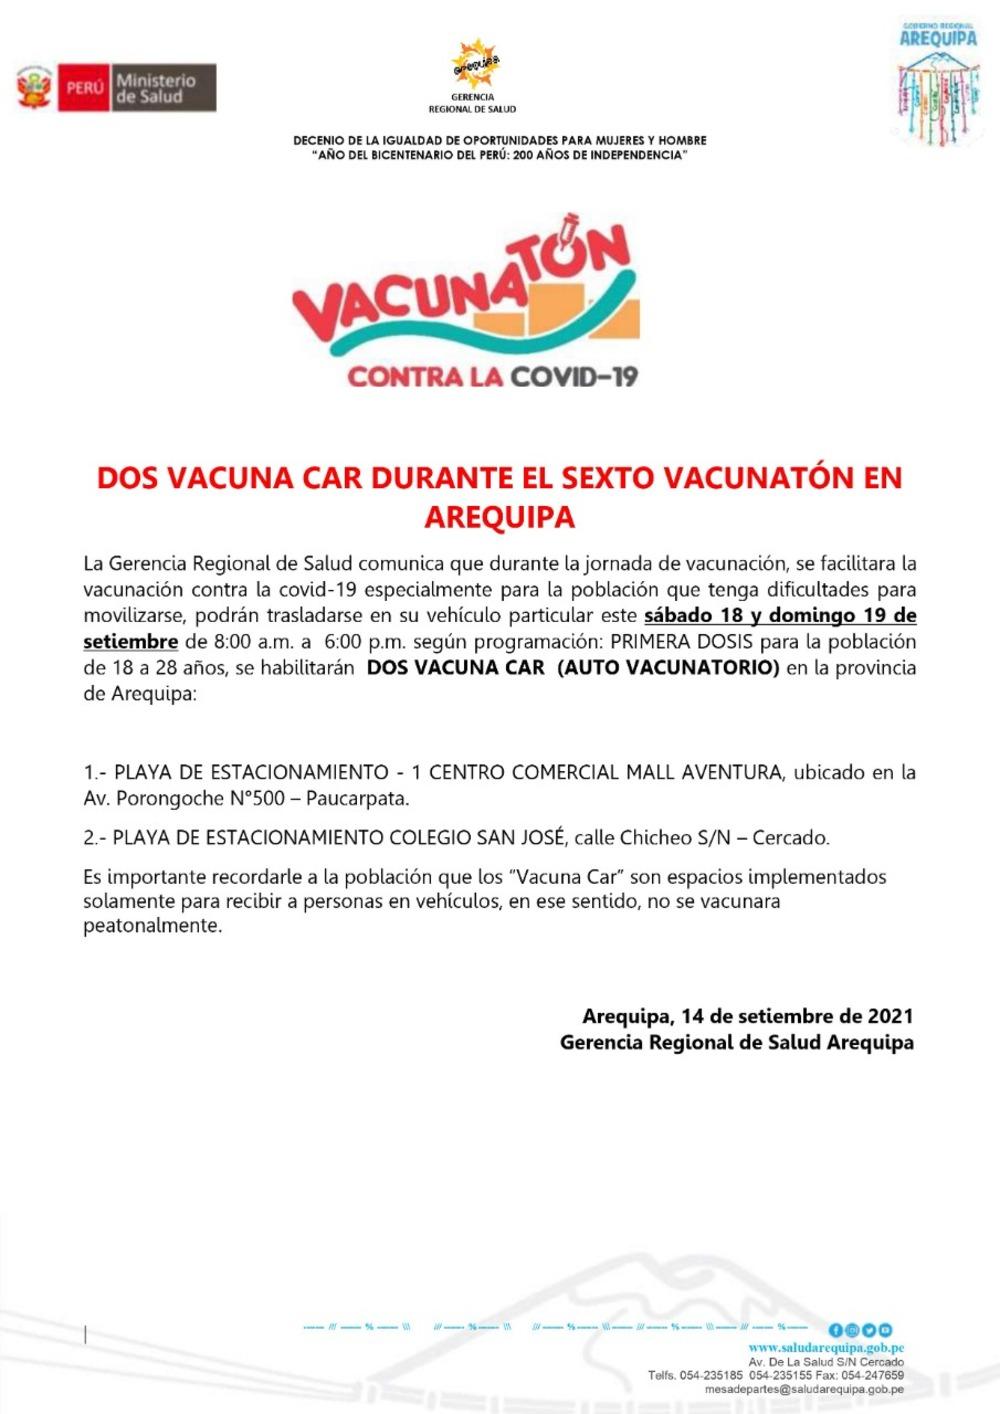 Vacunacar